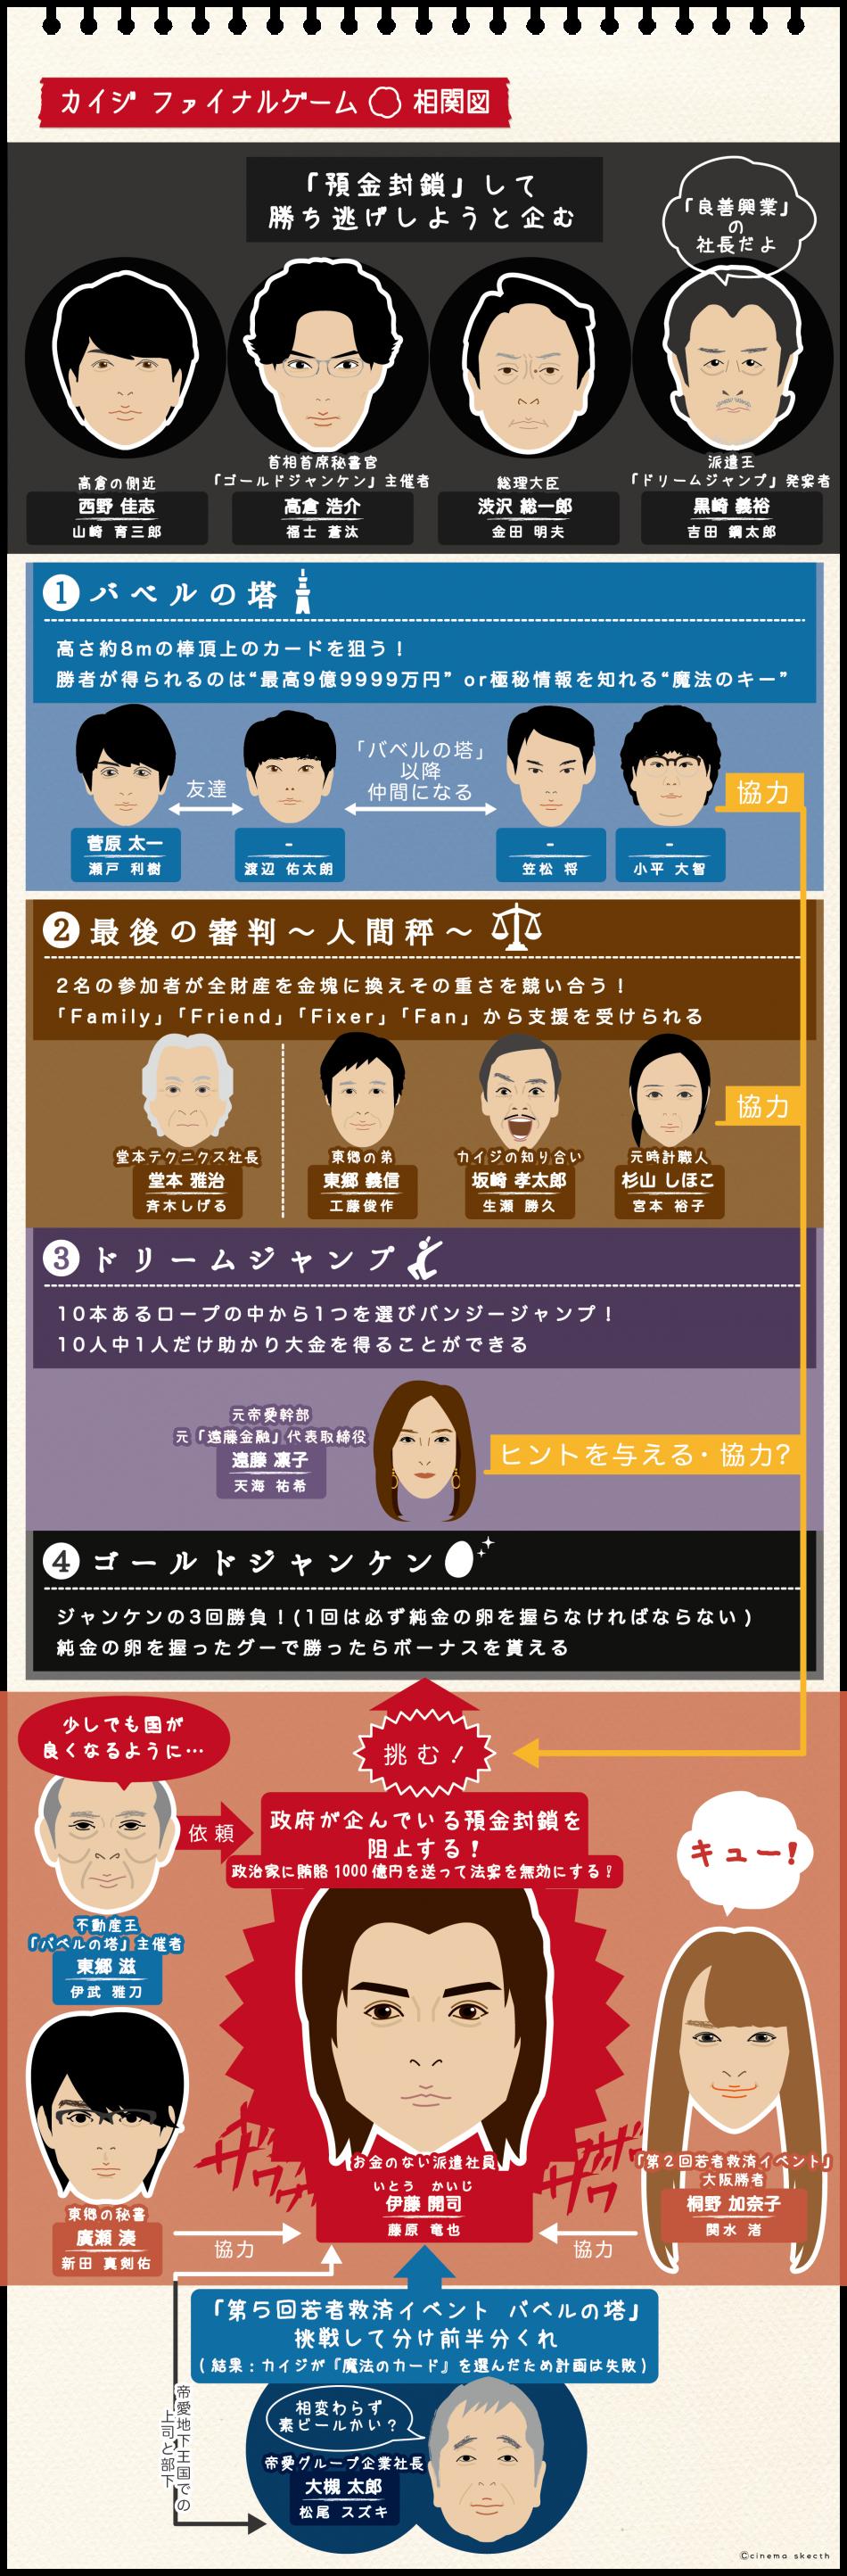 映画『カイジファイナルゲーム』相関図